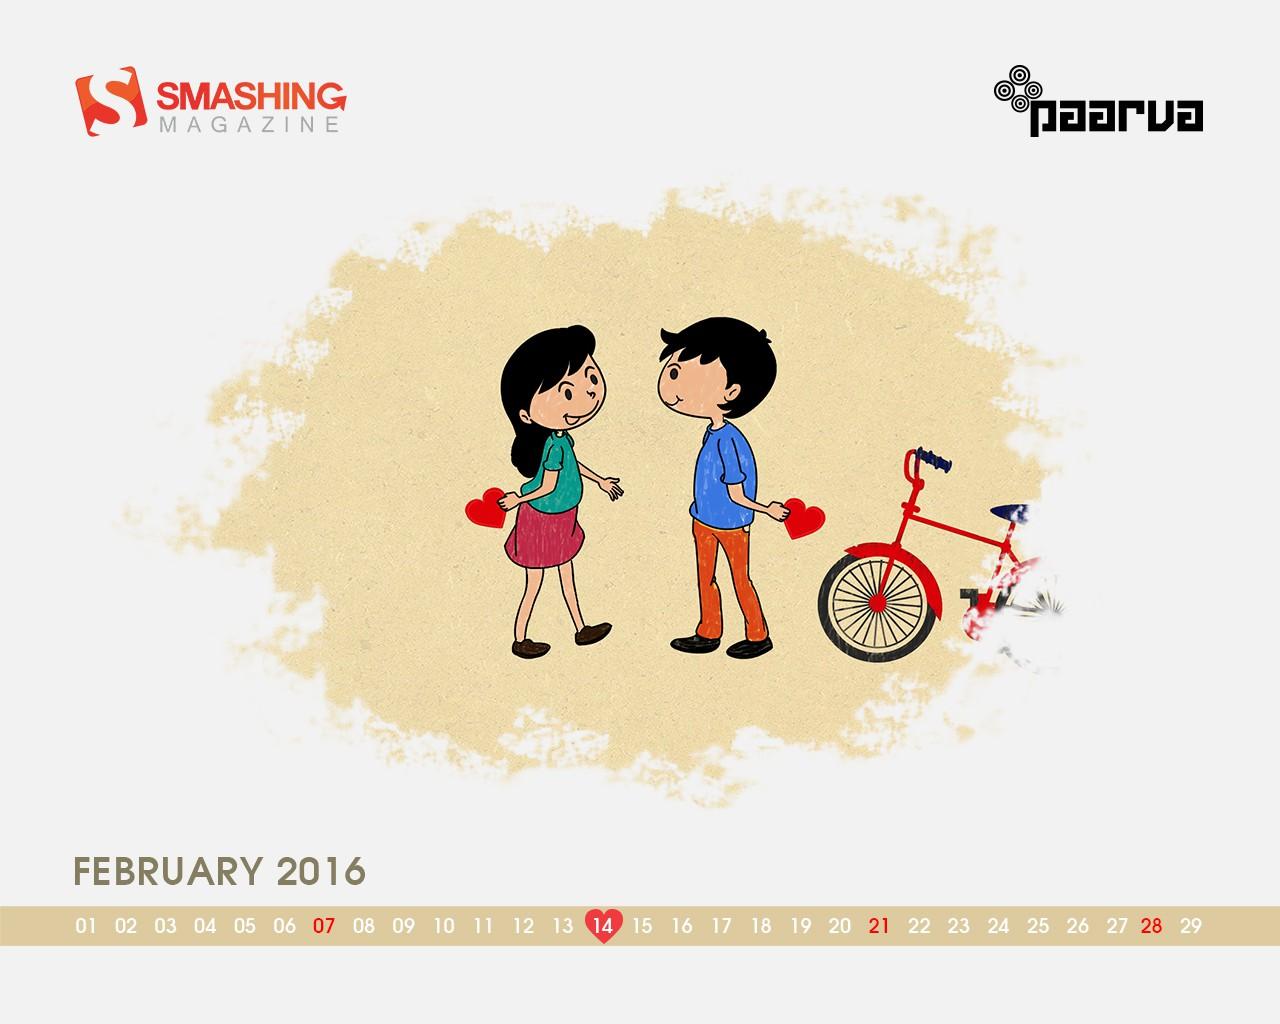 Ngày Valentine 14-02 là chủ đề chính cho các hình nền tháng 02